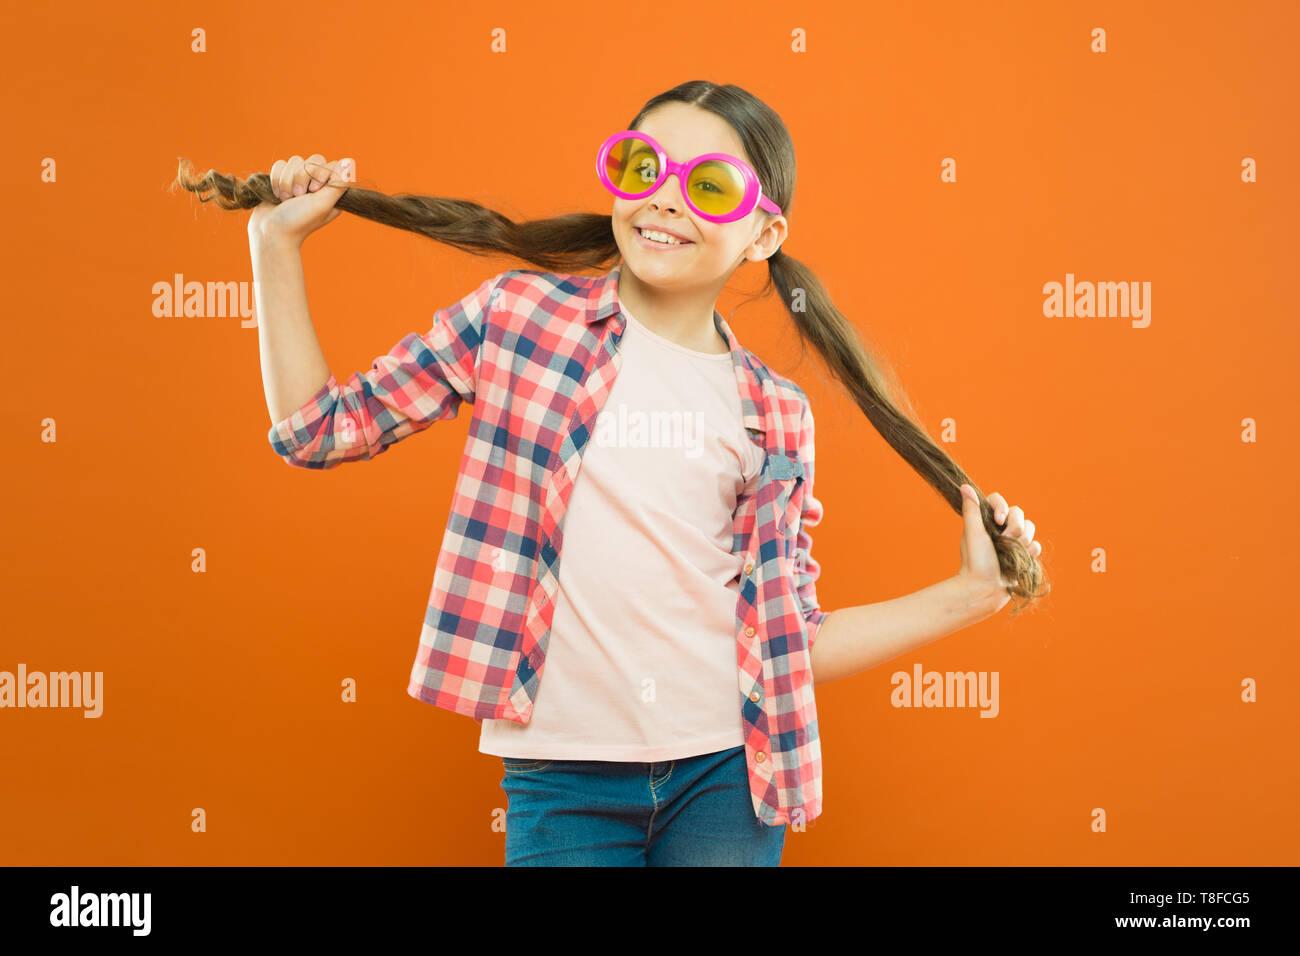 Girl wear eyeglasses. Ultraviolet protection crucial while polarization more preference. Optics and eyesight. Child happy good eyesight. Summer accessory. Eyesight and eye health. Improve eyesight. - Stock Image